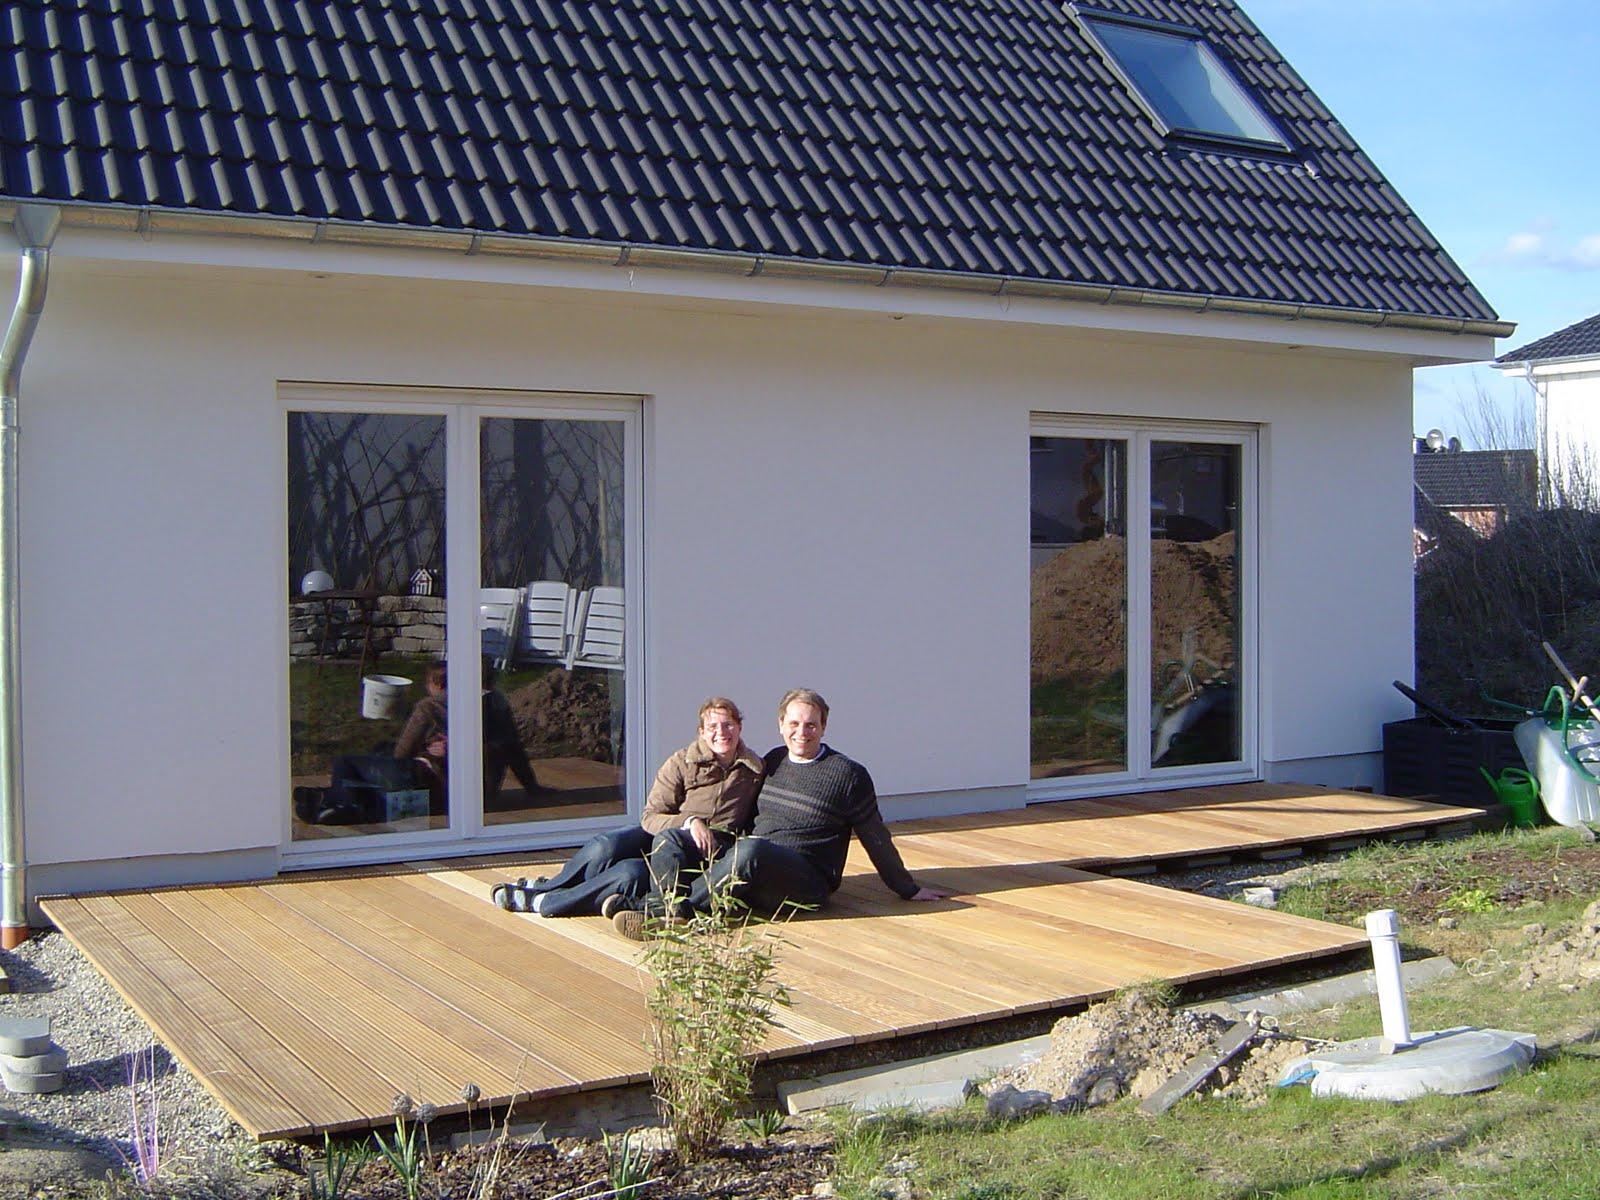 abenteuer haus unser hausbau tagebuch unsere terrasse ist fertig. Black Bedroom Furniture Sets. Home Design Ideas